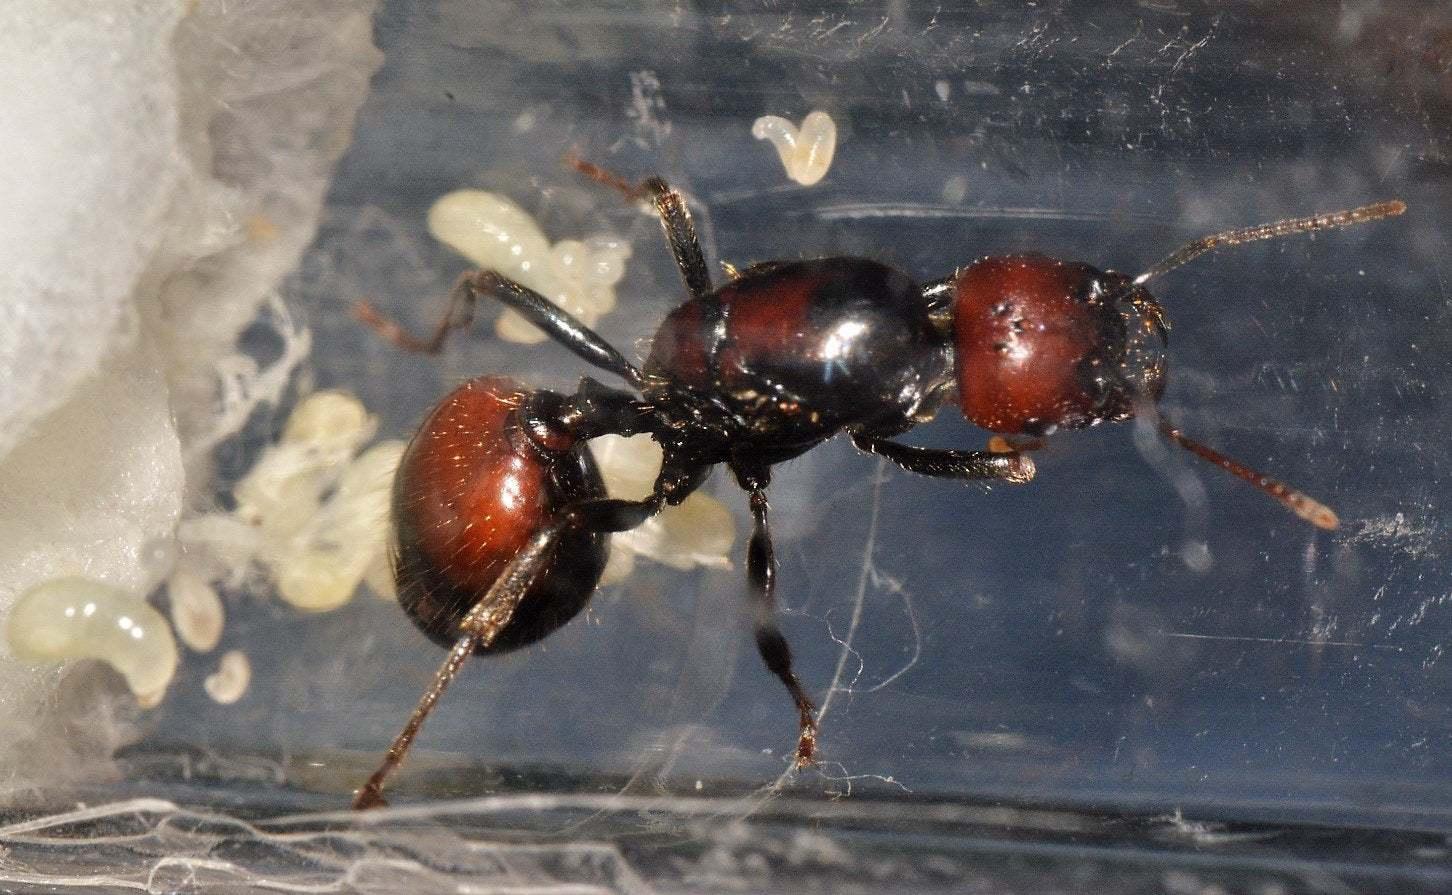 Описание и фото матки муравьёв